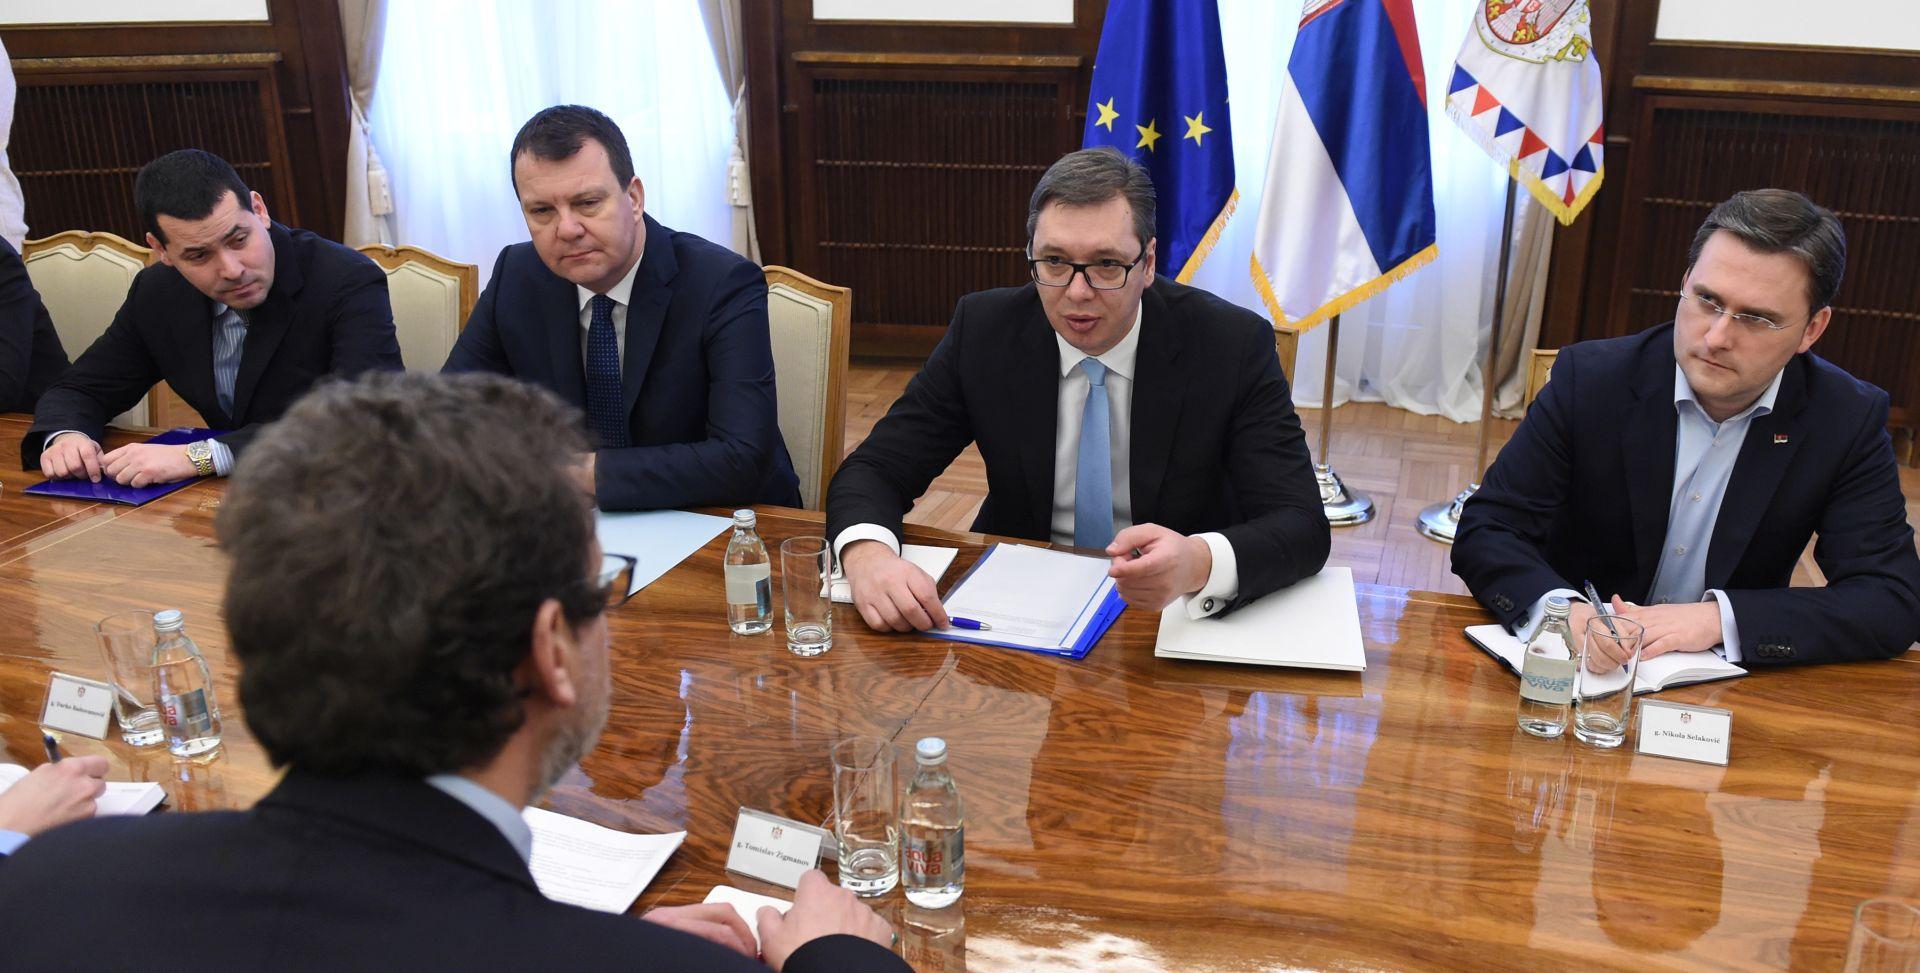 ŽIGMANOV 'Vučić je odgovoran i zauzima se, ali još uvijek ima problema'